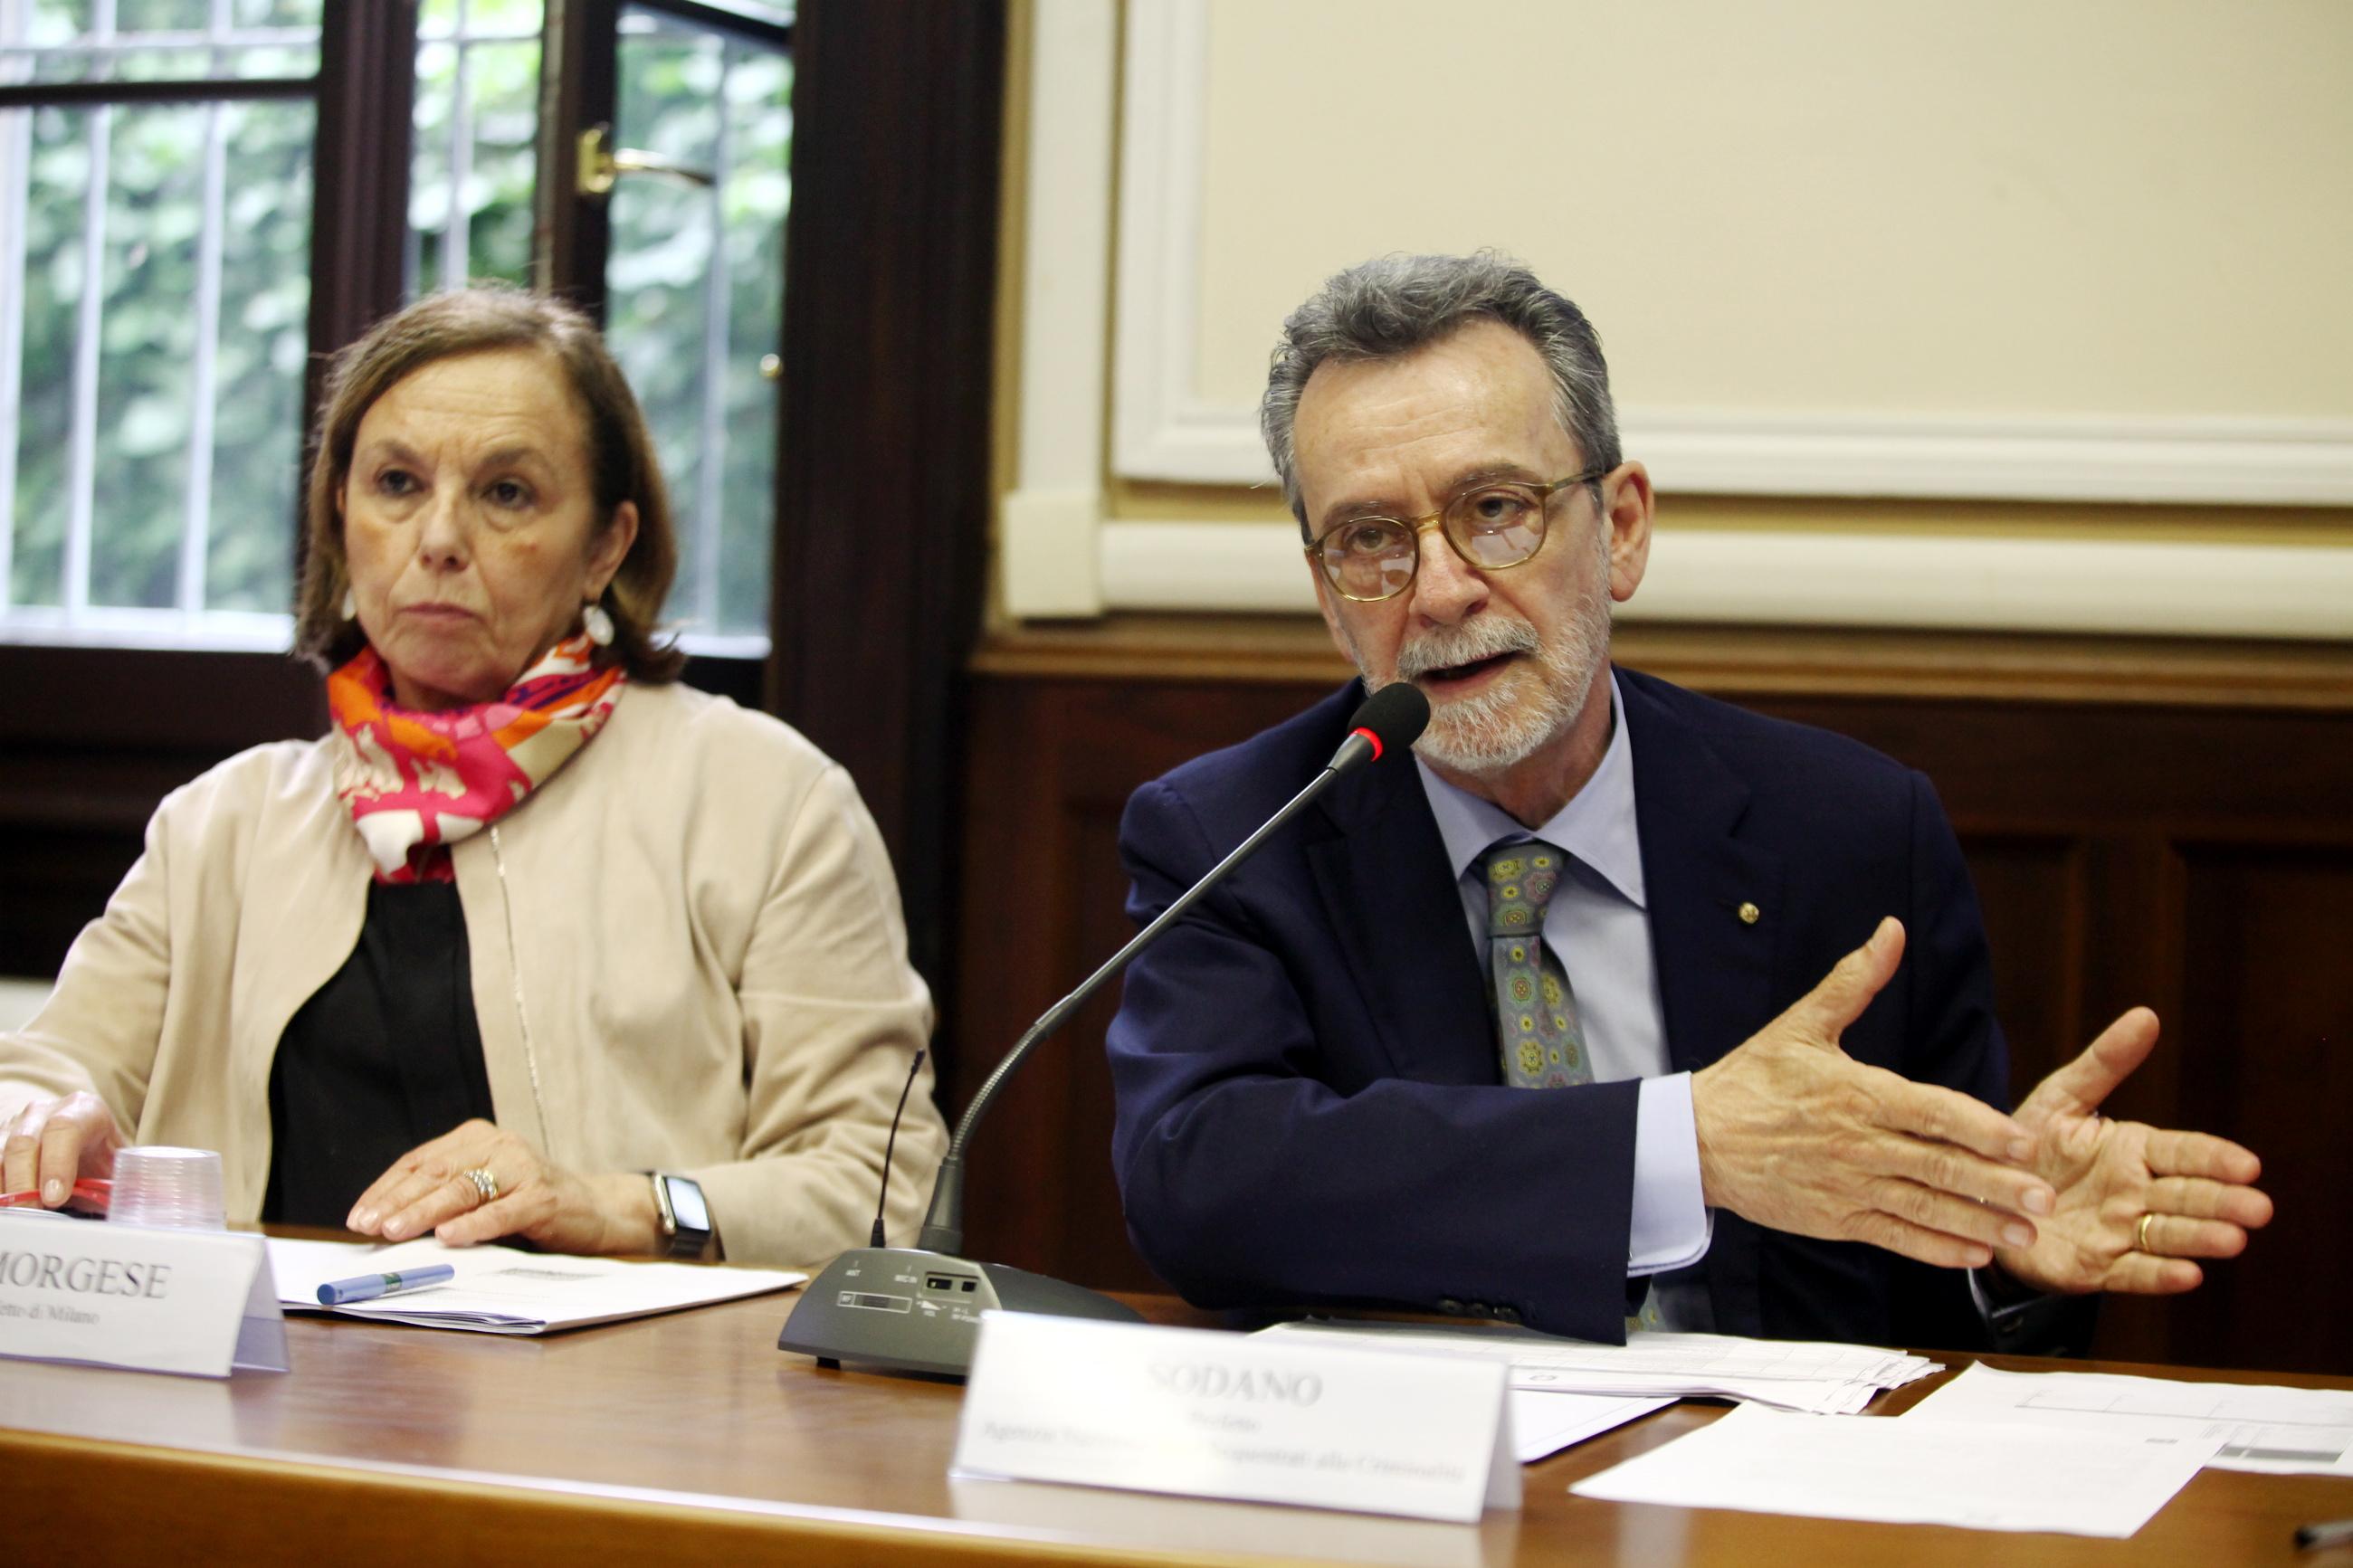 Prima Conferenza a Milano per assegnare beni confiscati alla criminalità organizzata